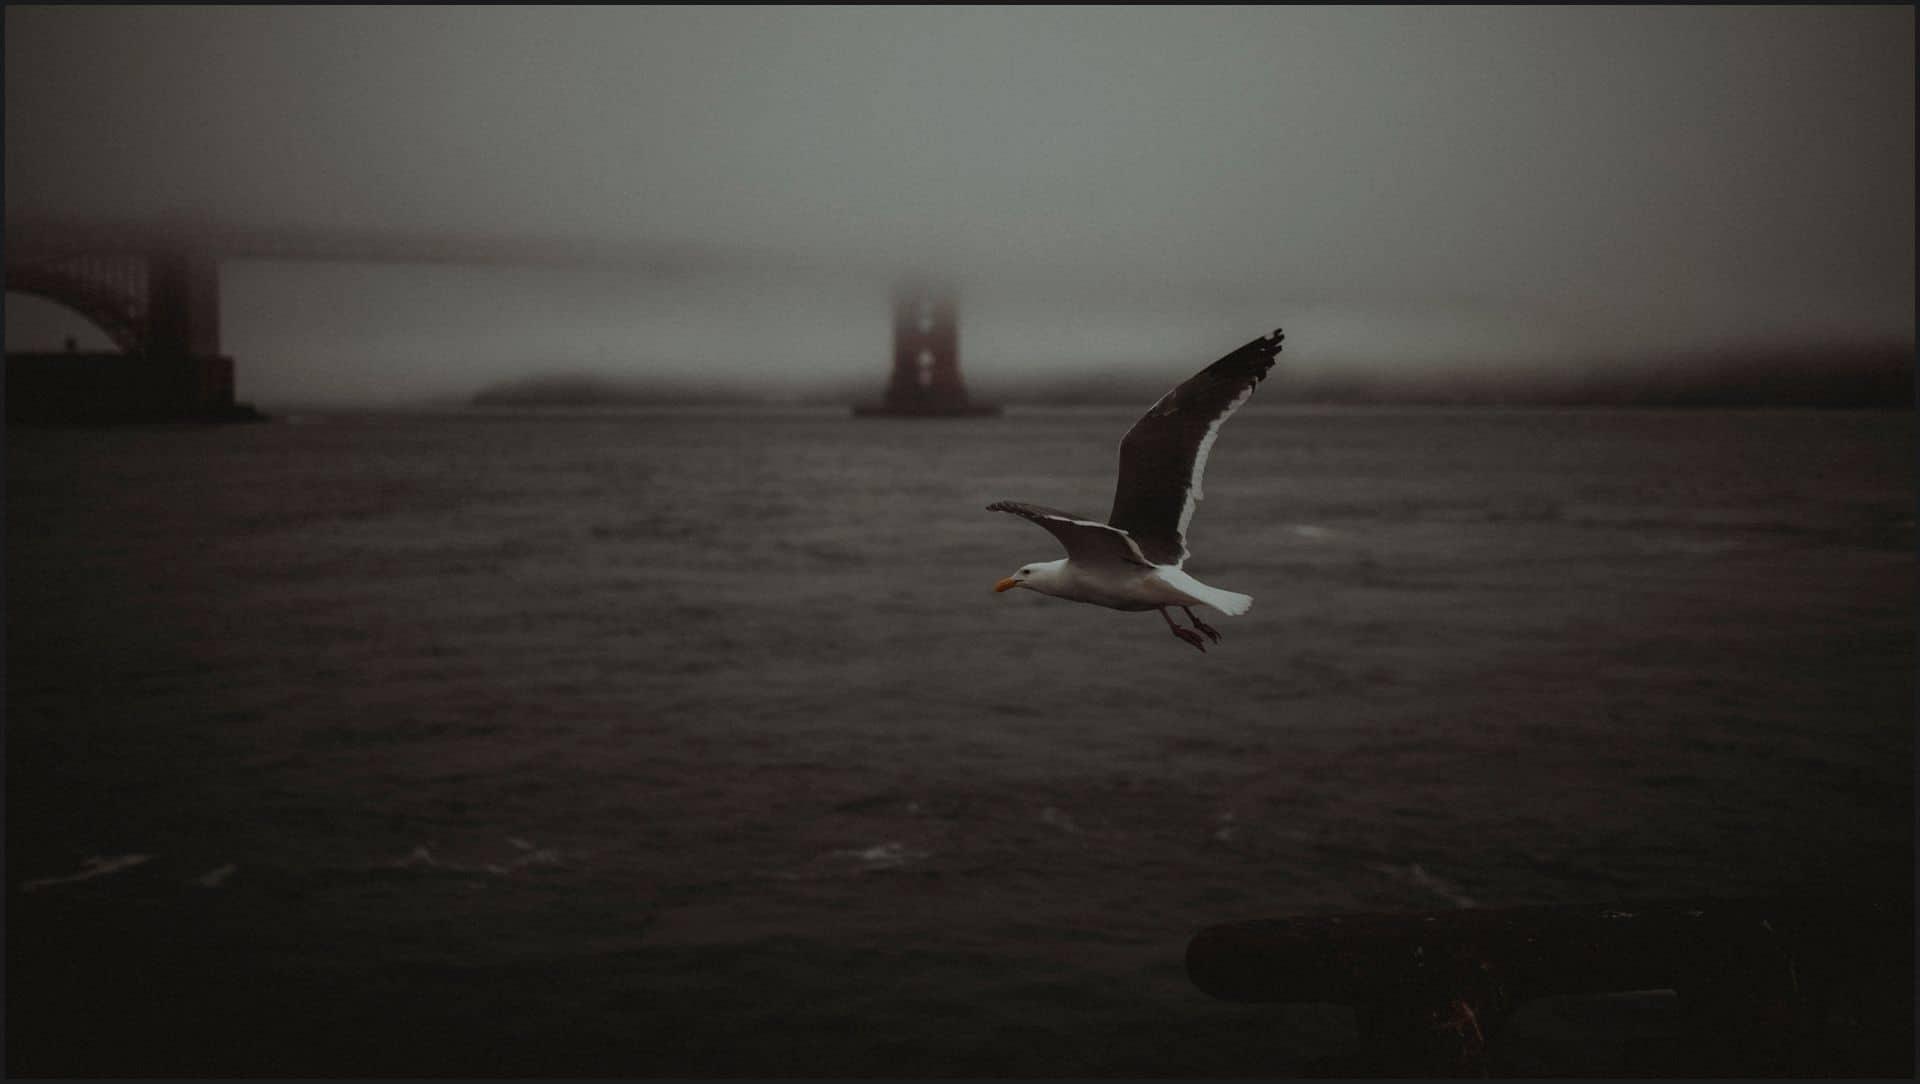 san francisco, california, elopement wedding, ocean, seagull, fog, golden state bridge